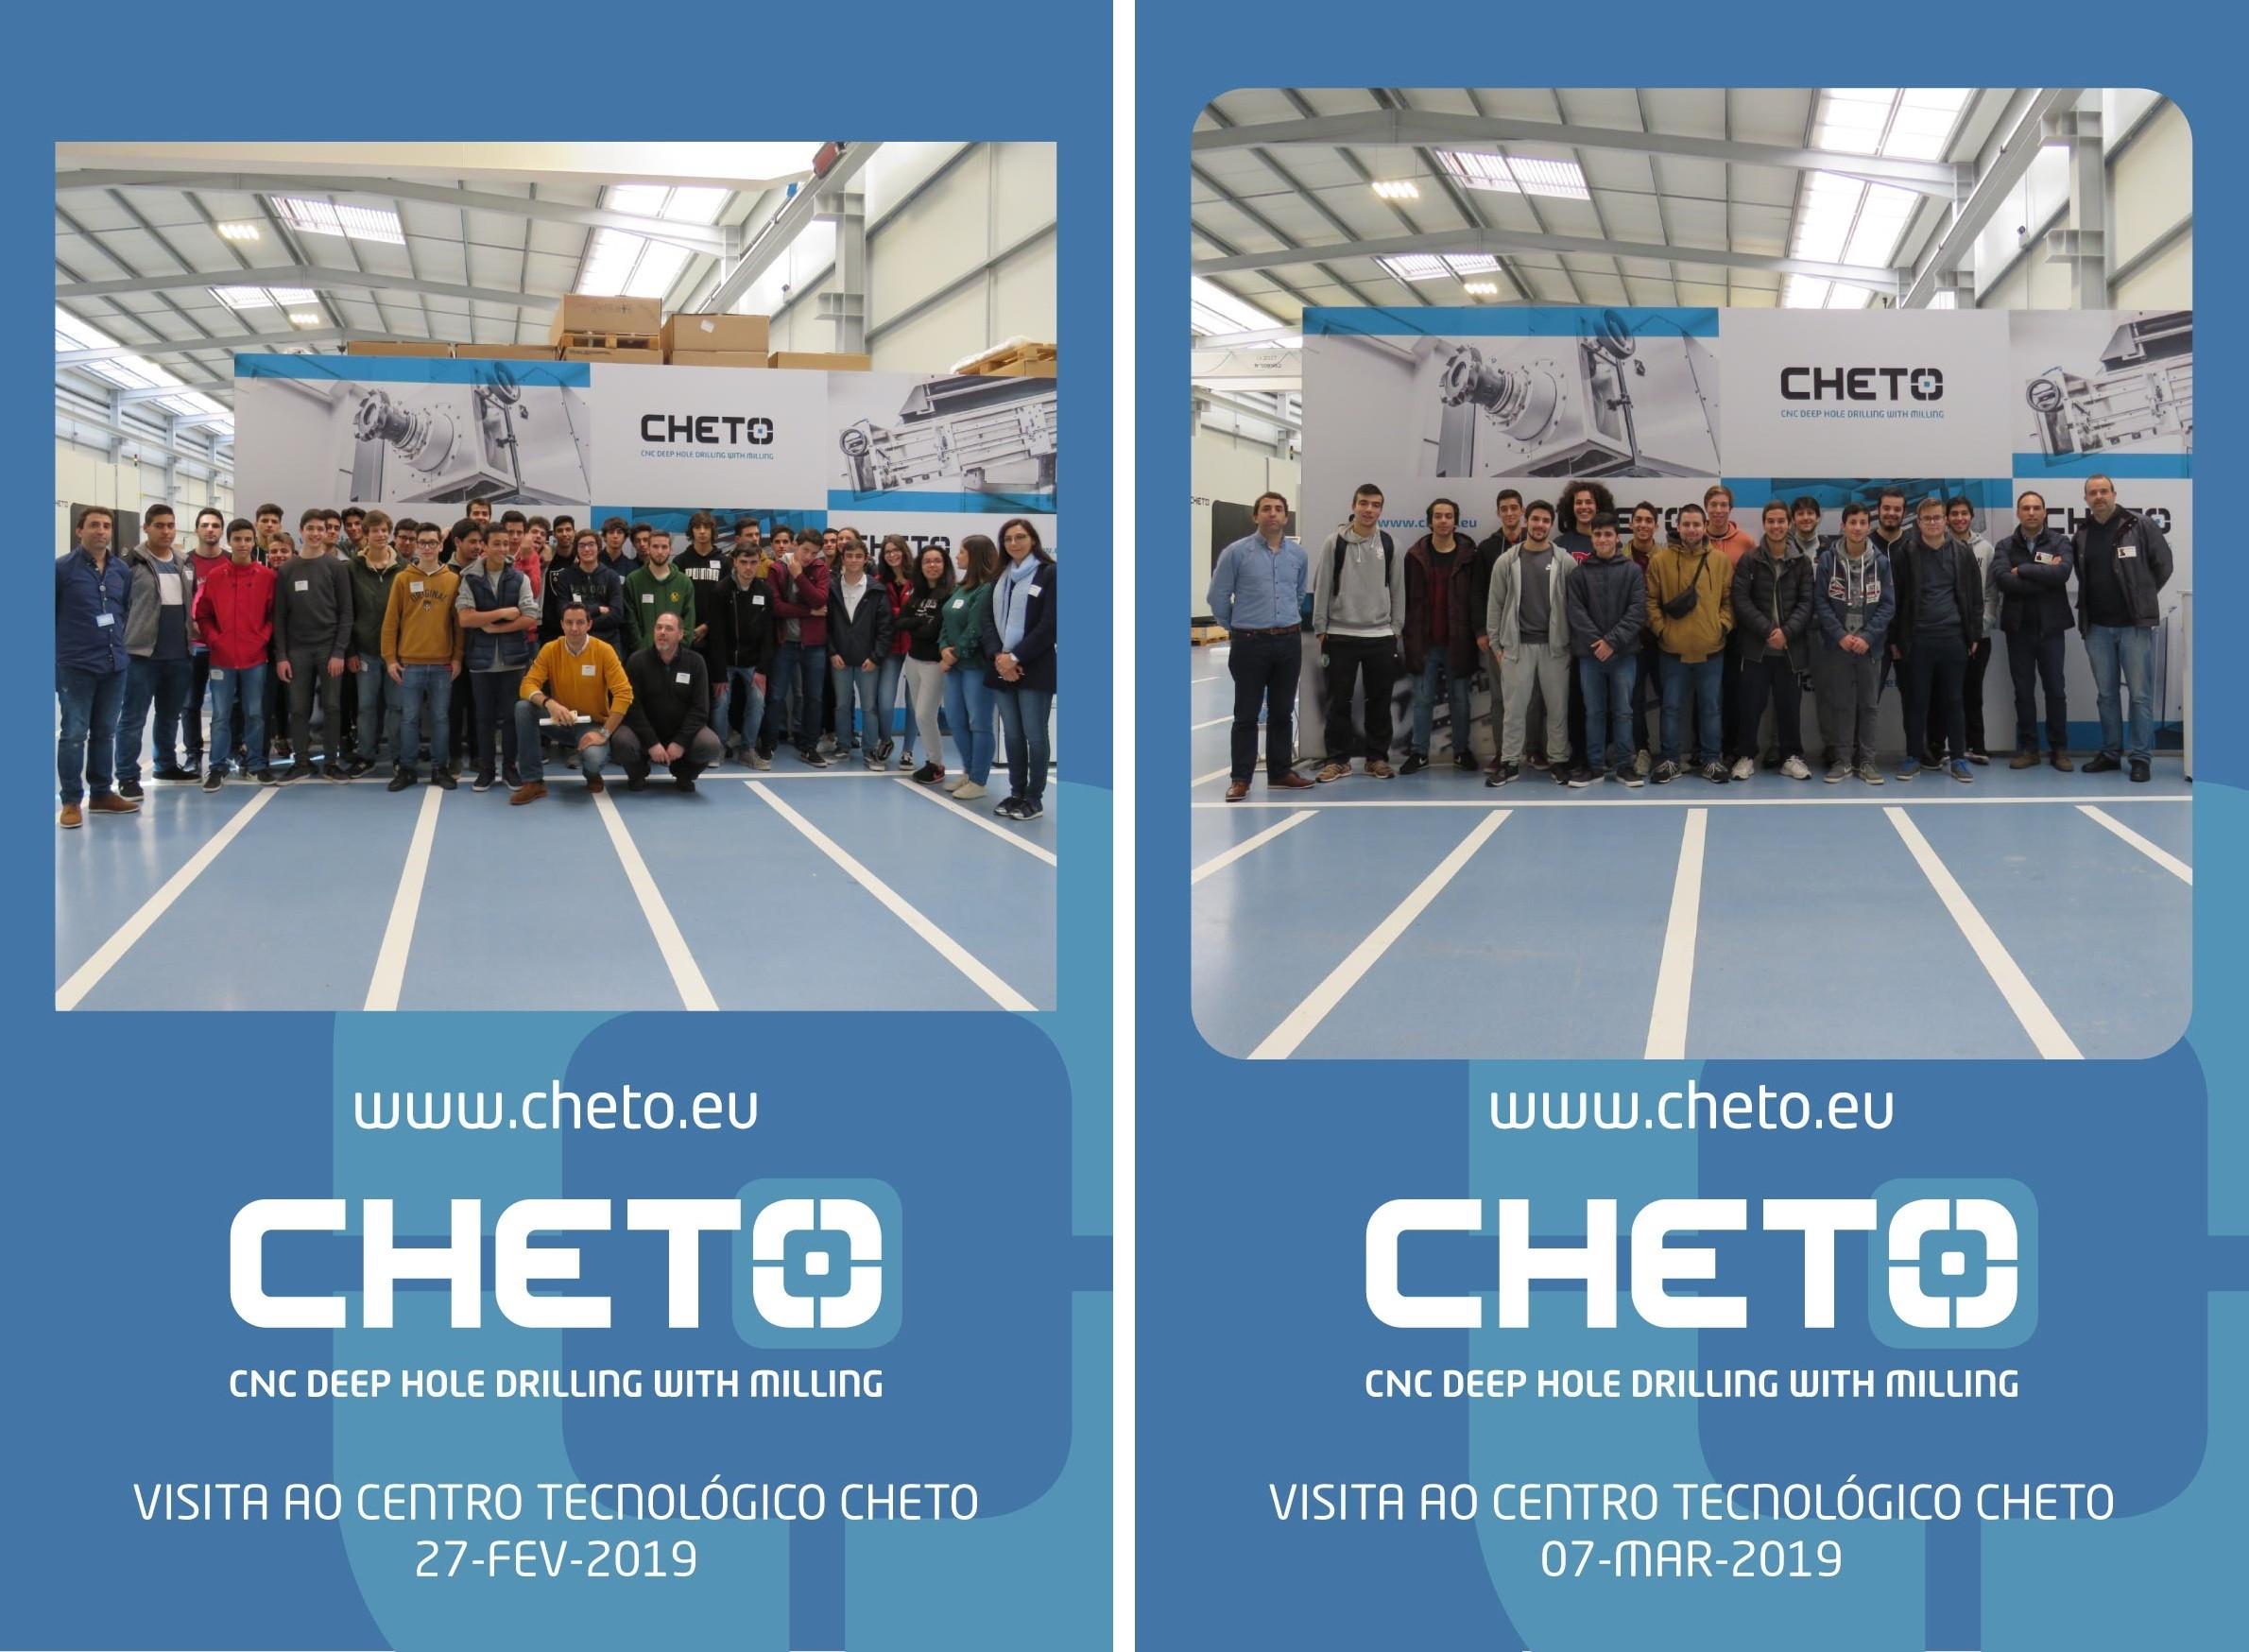 Visitas da Soares de Basto à CHETO